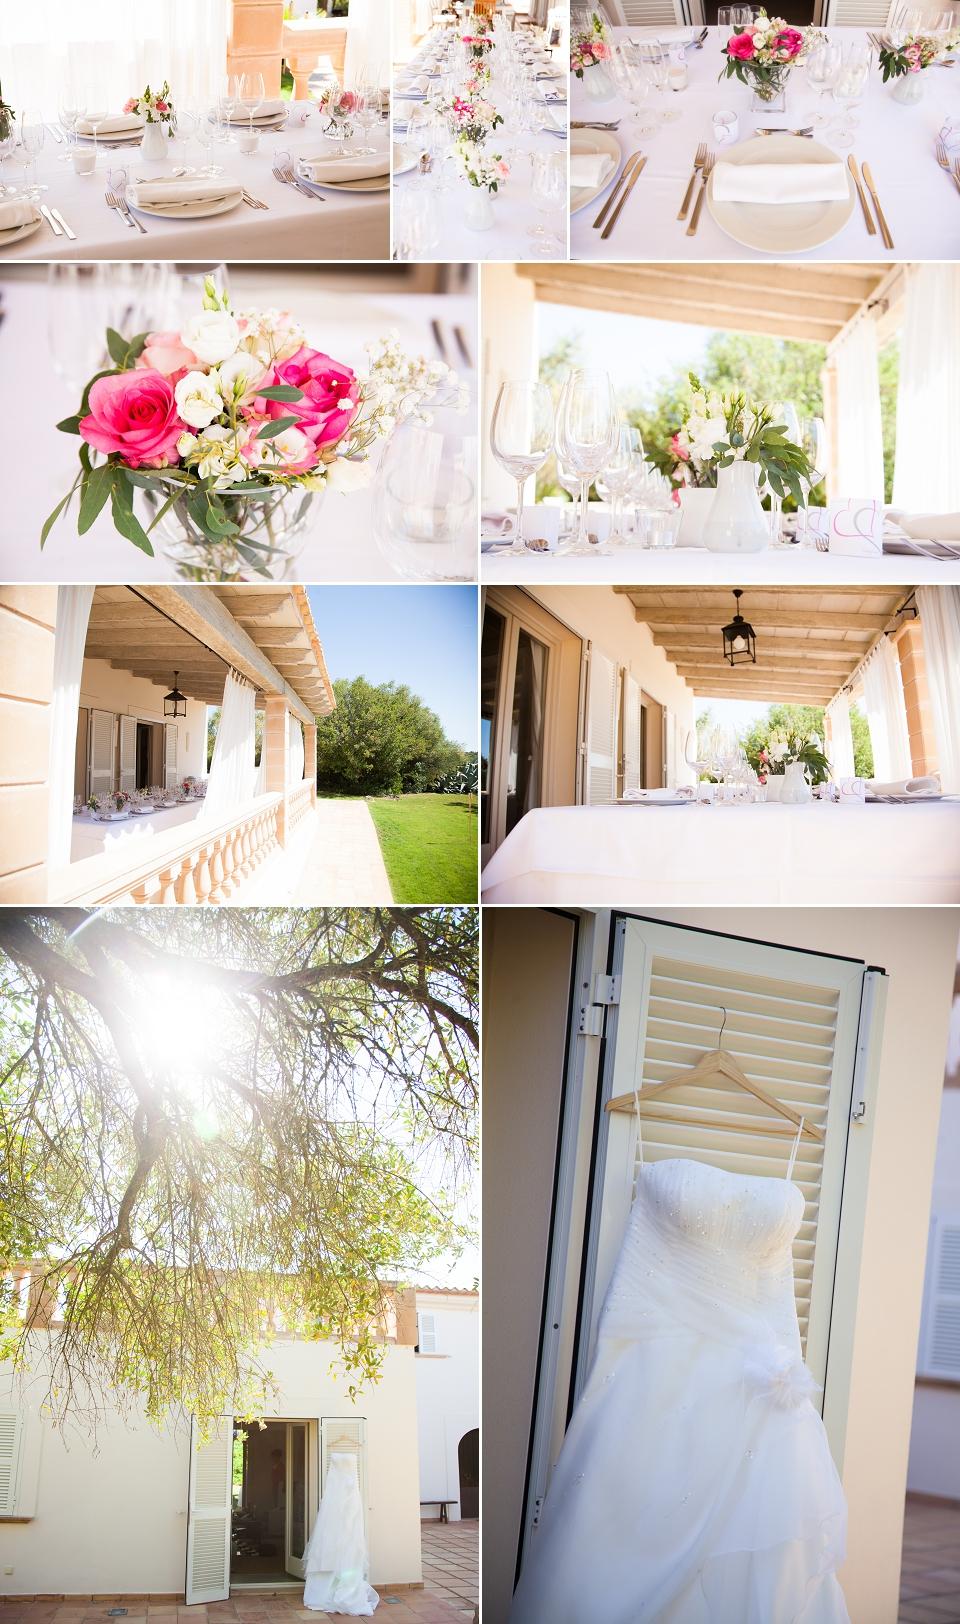 blog-2 Hochzeitstraum Mallorca / Fincahochzeit Villa Tortuga hochzeitsreportagen hochzeit-im-urlaub